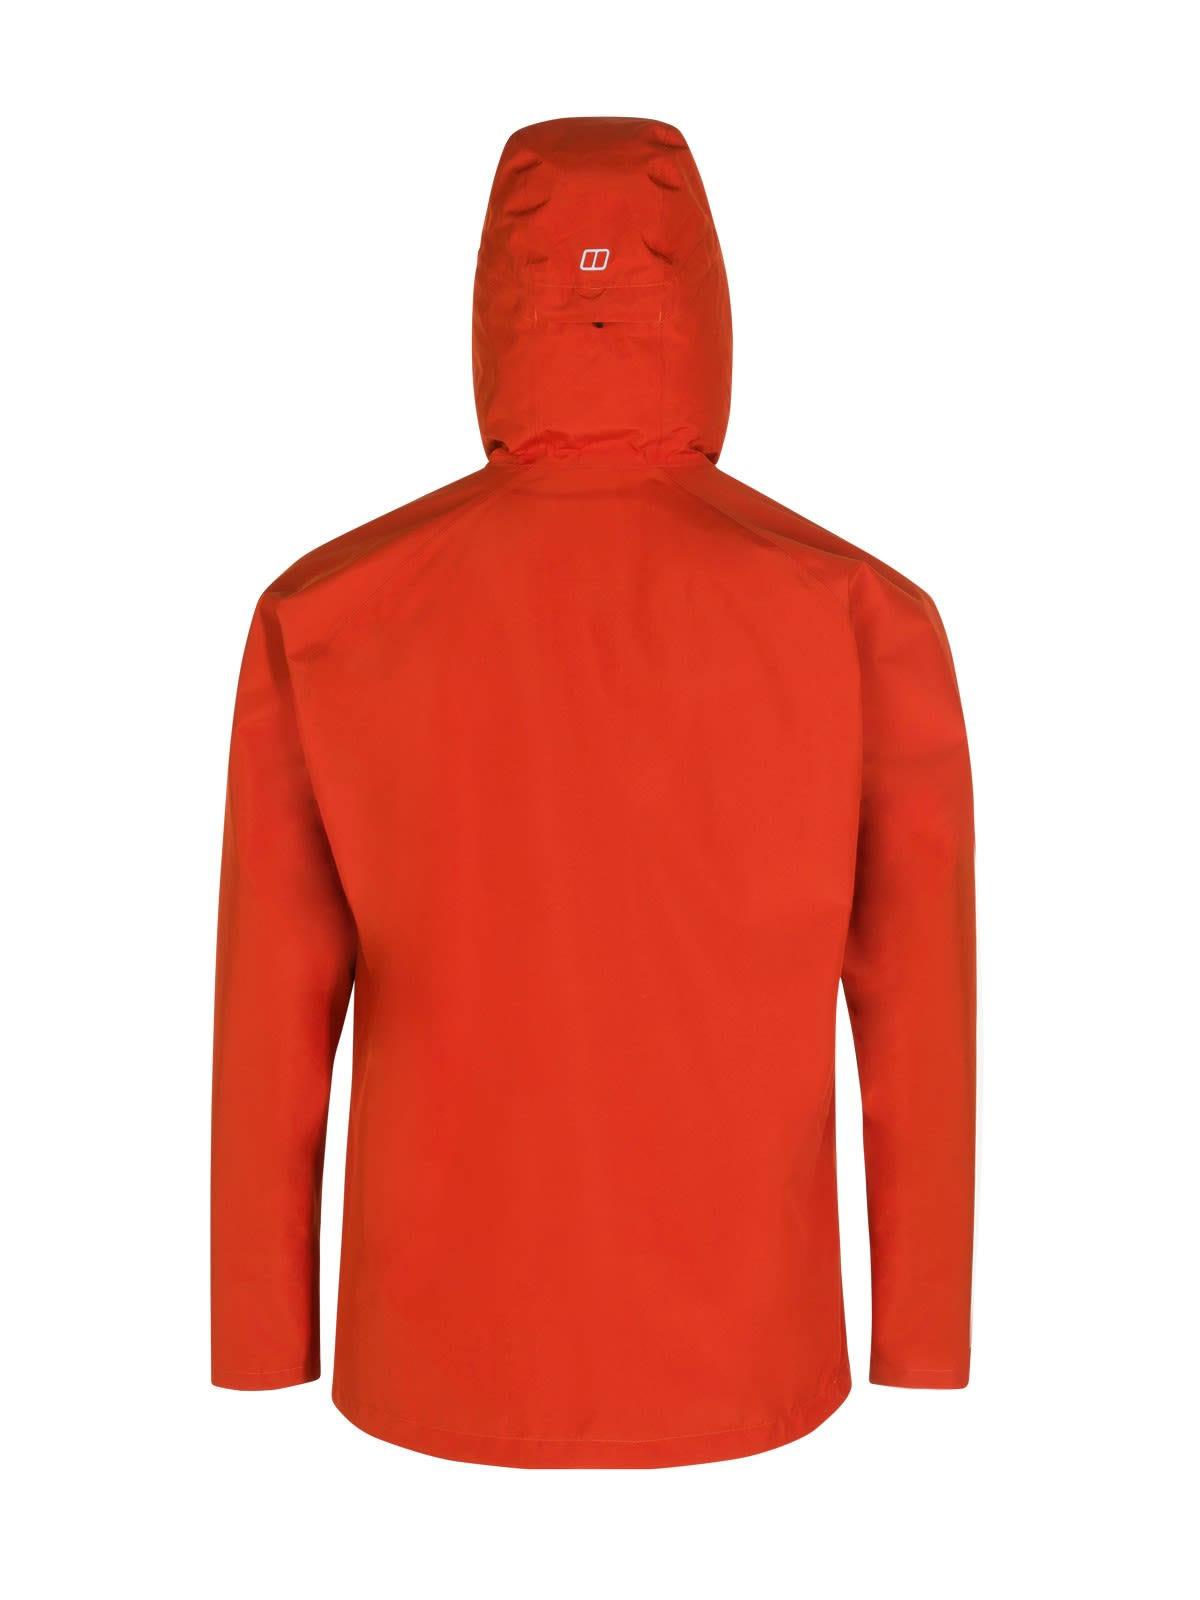 freizeitjacke Größe Gore Ketchup Herren Jacket Paclite tex Berghaus 0 Xl Farbe 2 Red nBAxzp8w